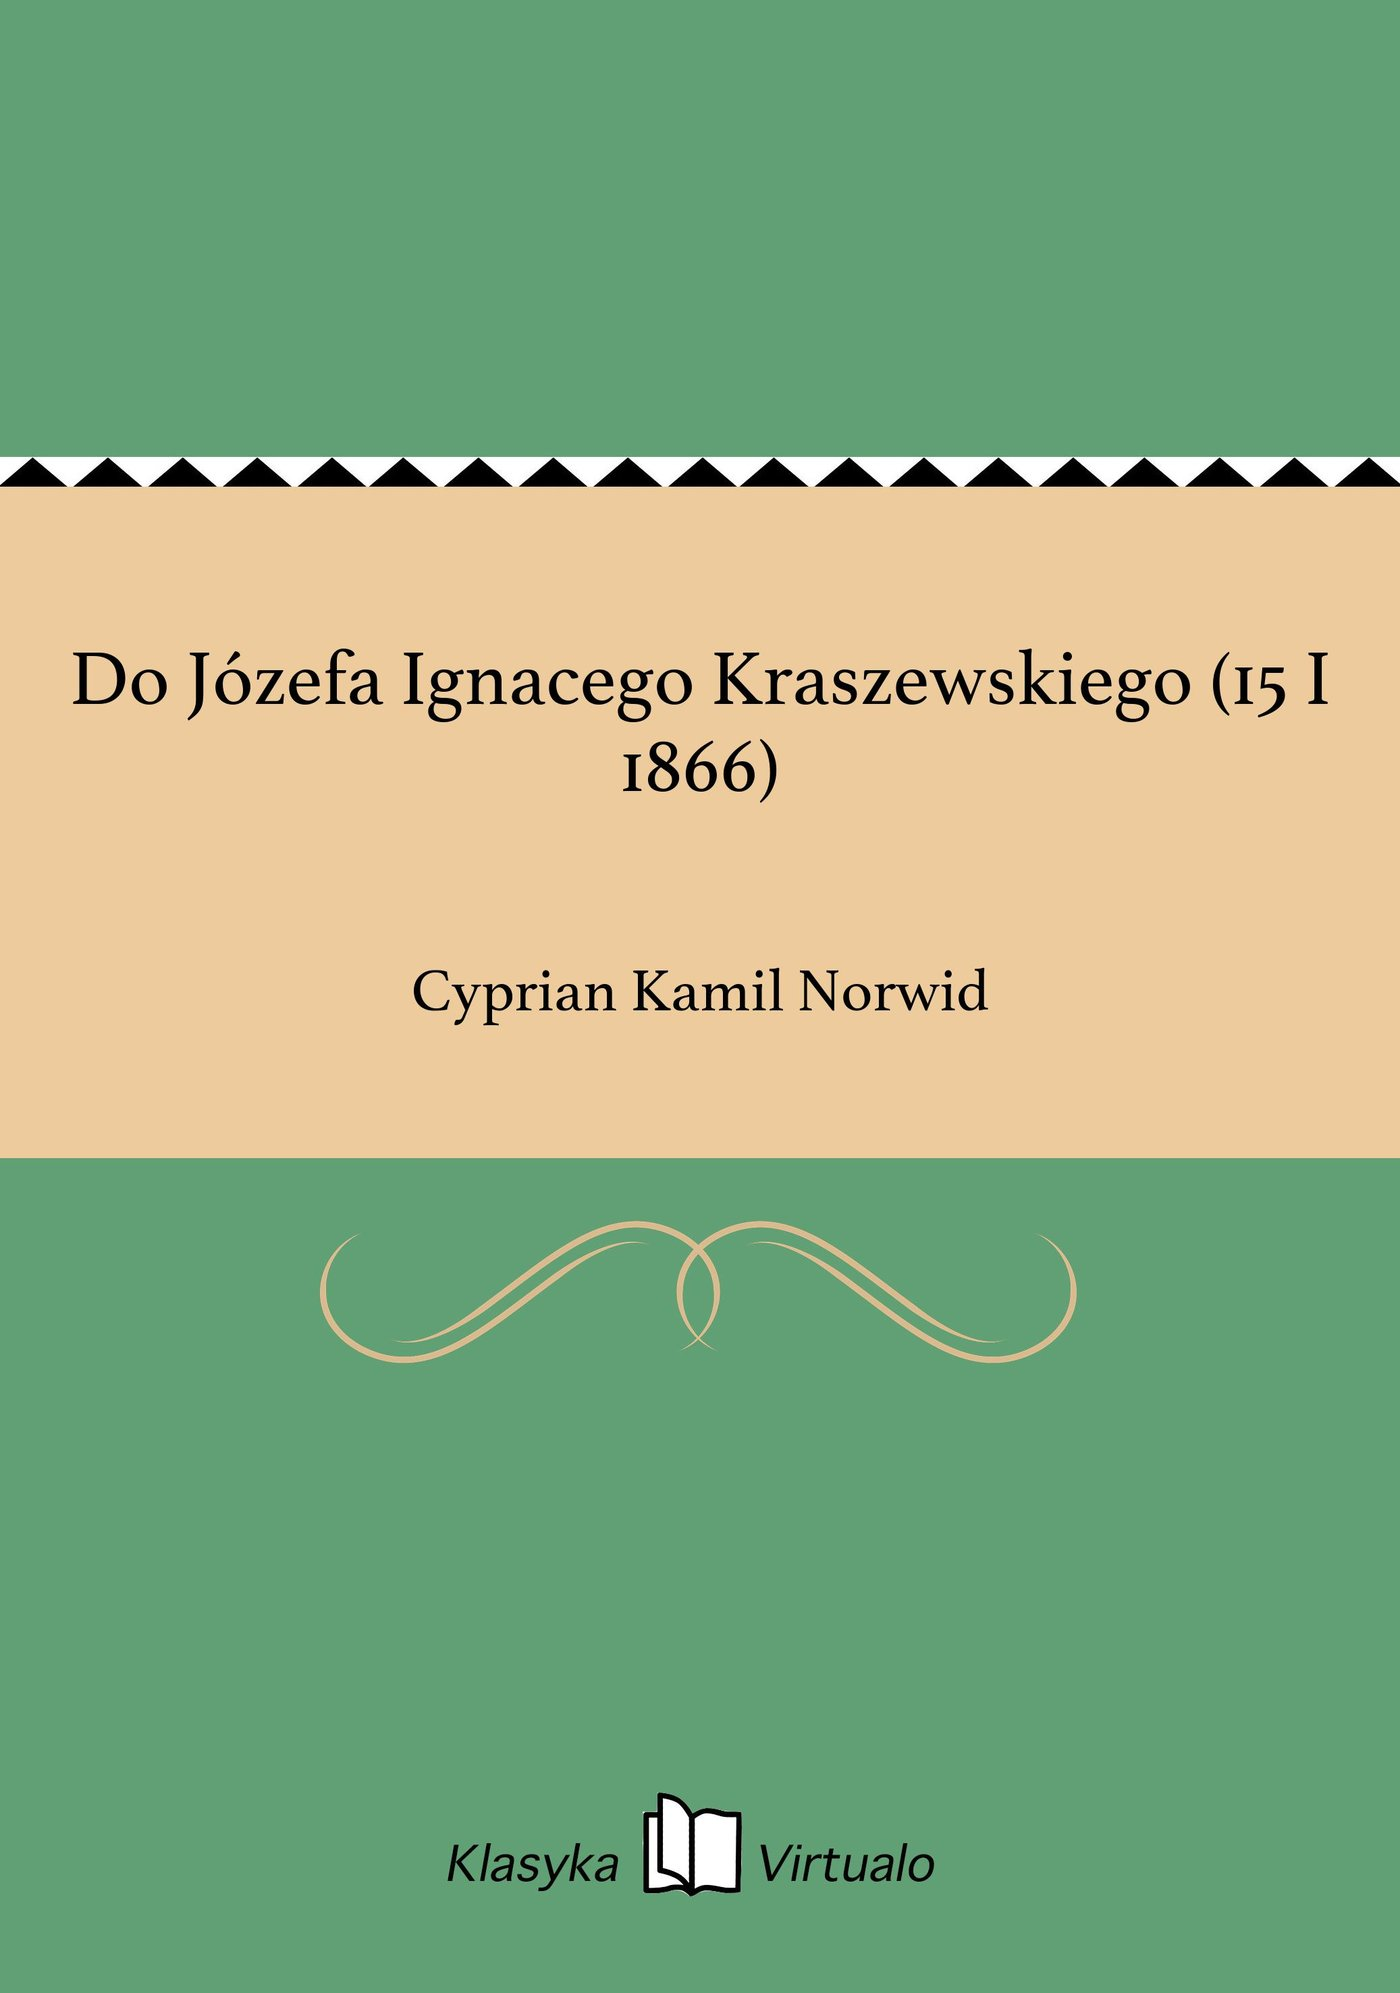 Do Józefa Ignacego Kraszewskiego (15 I 1866) - Ebook (Książka EPUB) do pobrania w formacie EPUB